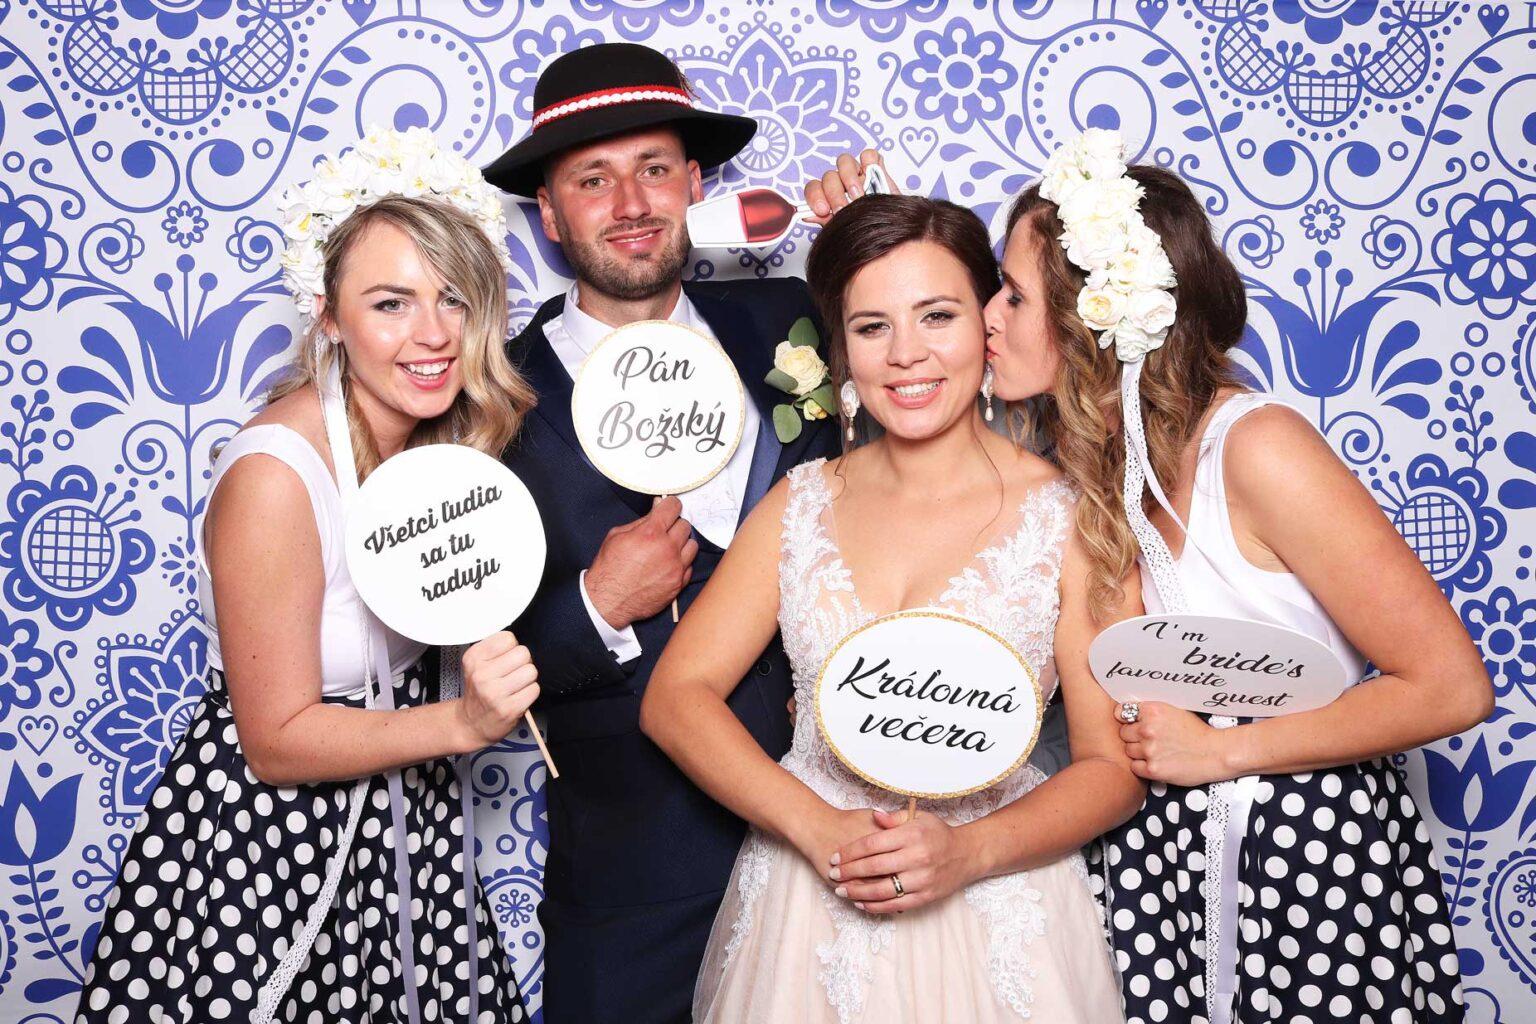 Svadobný fotokútik - fotostena ornamenty- fotobox svadba.